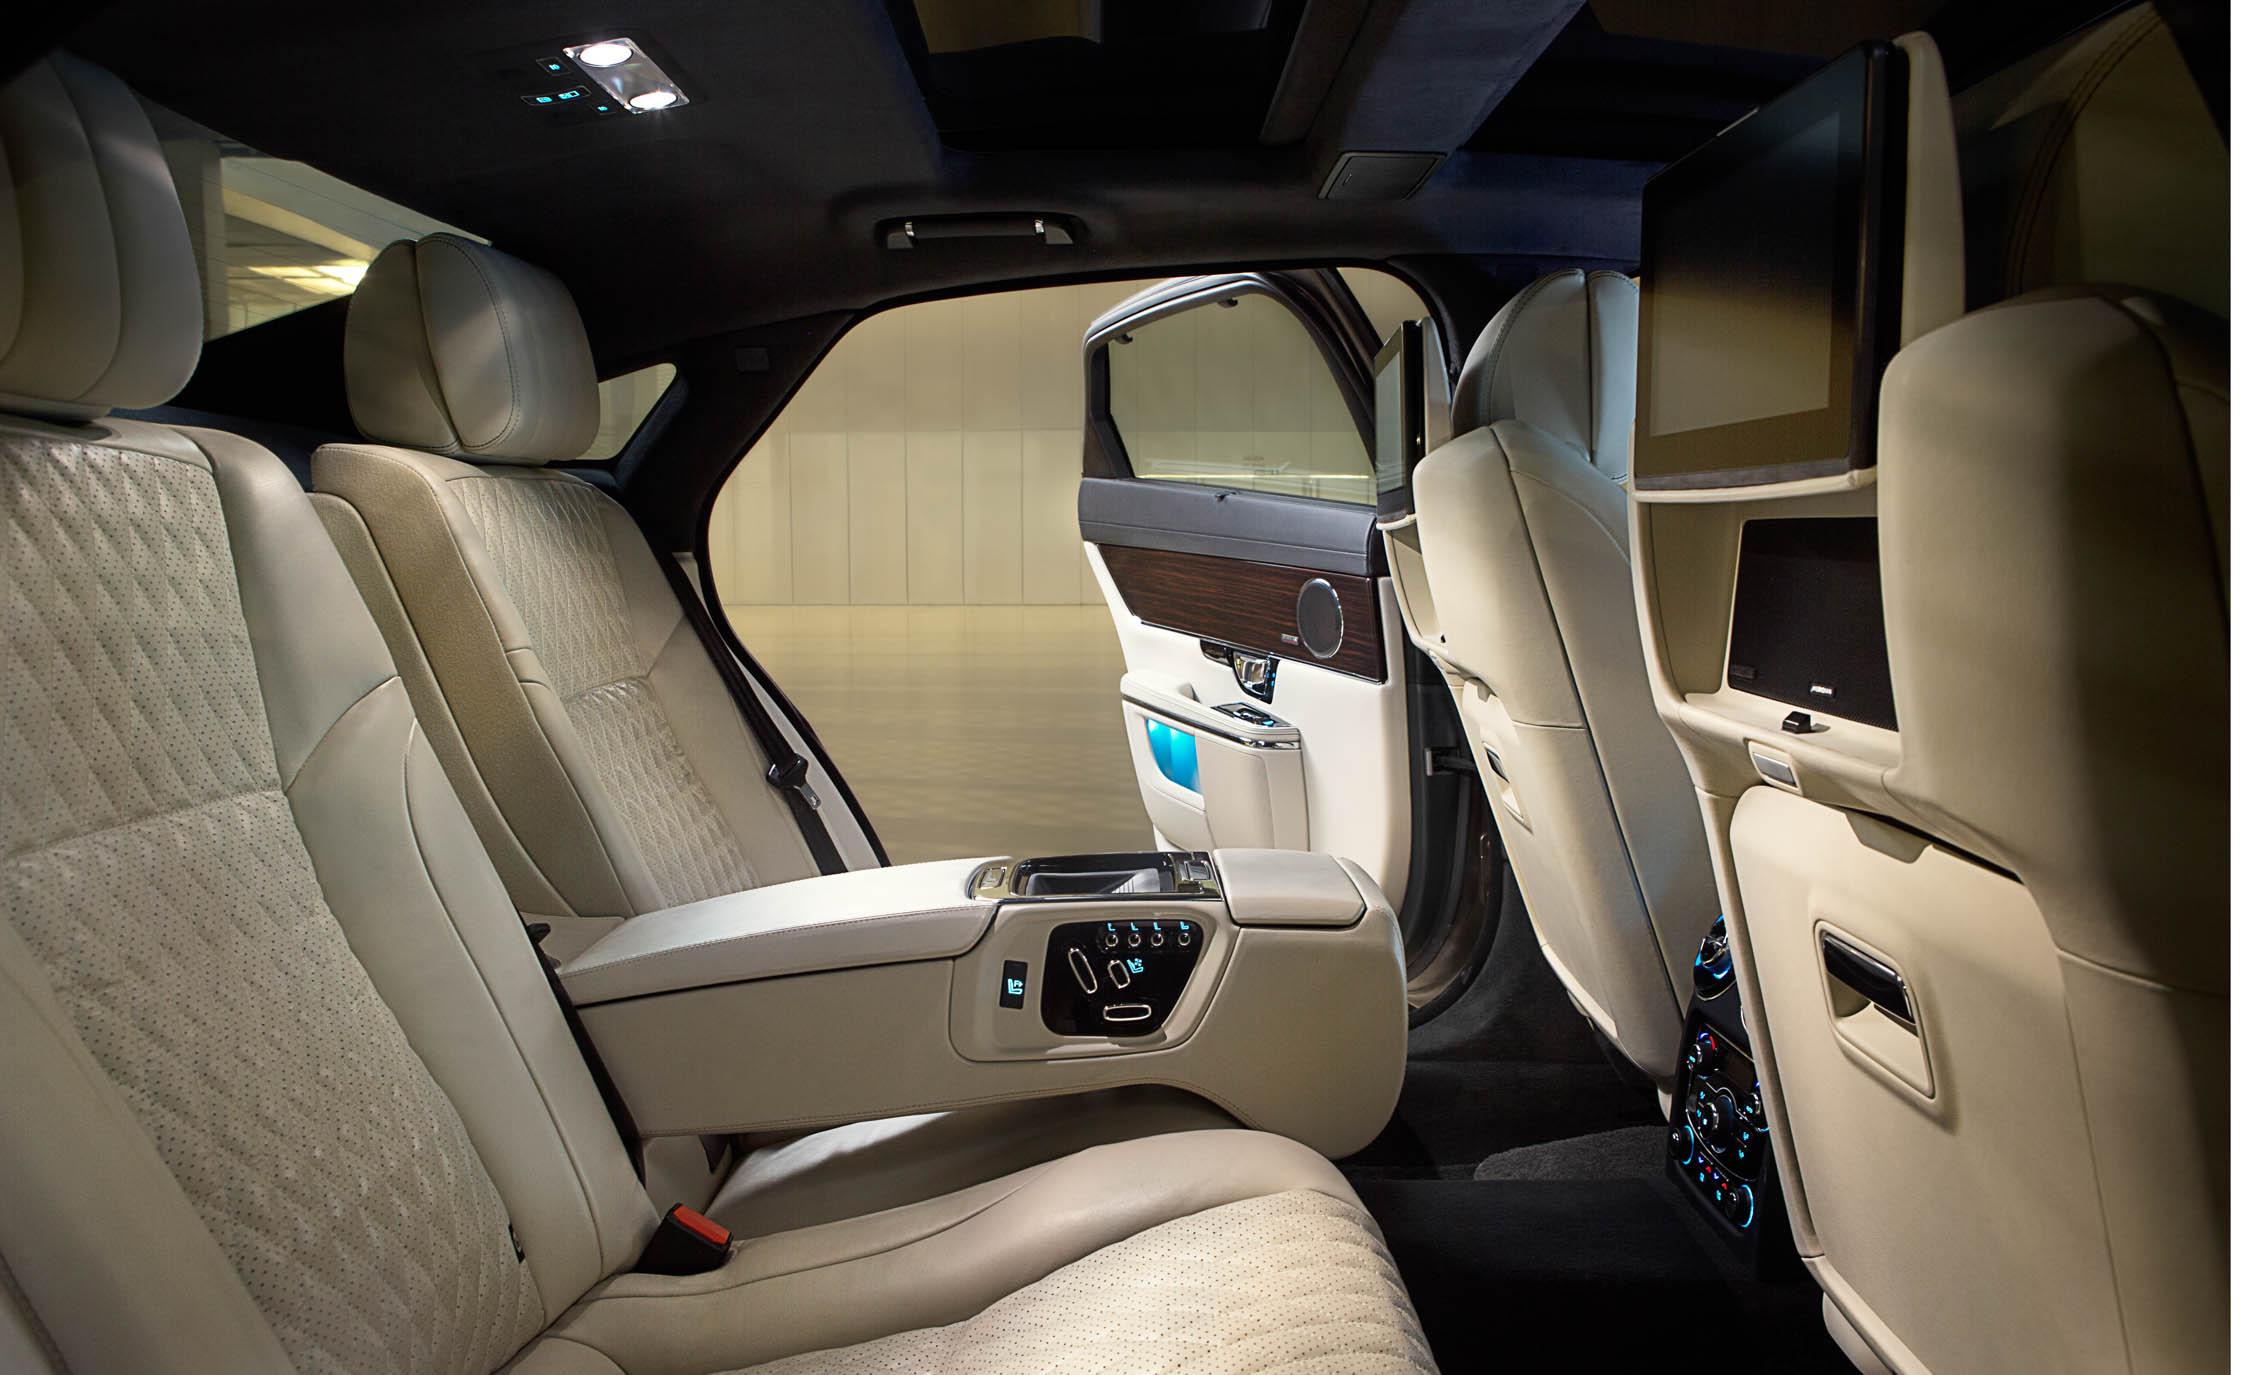 2016 Jaguar XJL Rear Seats Interior